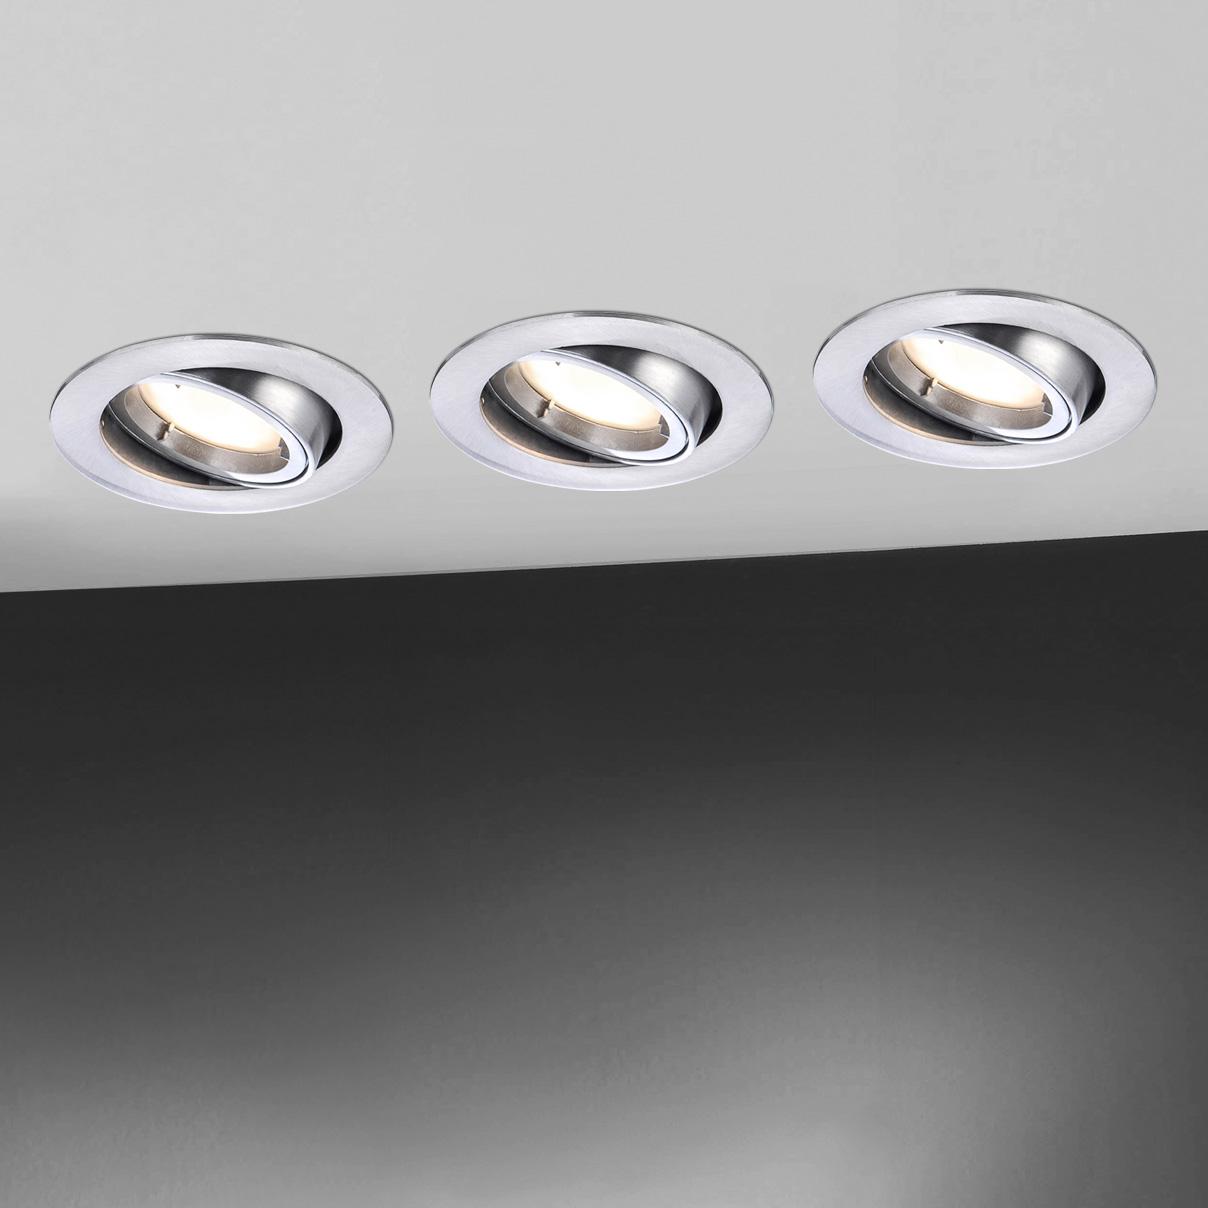 paul neuhaus lumeco led einbaustrahler schwenkbar rund mit dimmer 7591 95 lumeco reuter. Black Bedroom Furniture Sets. Home Design Ideas